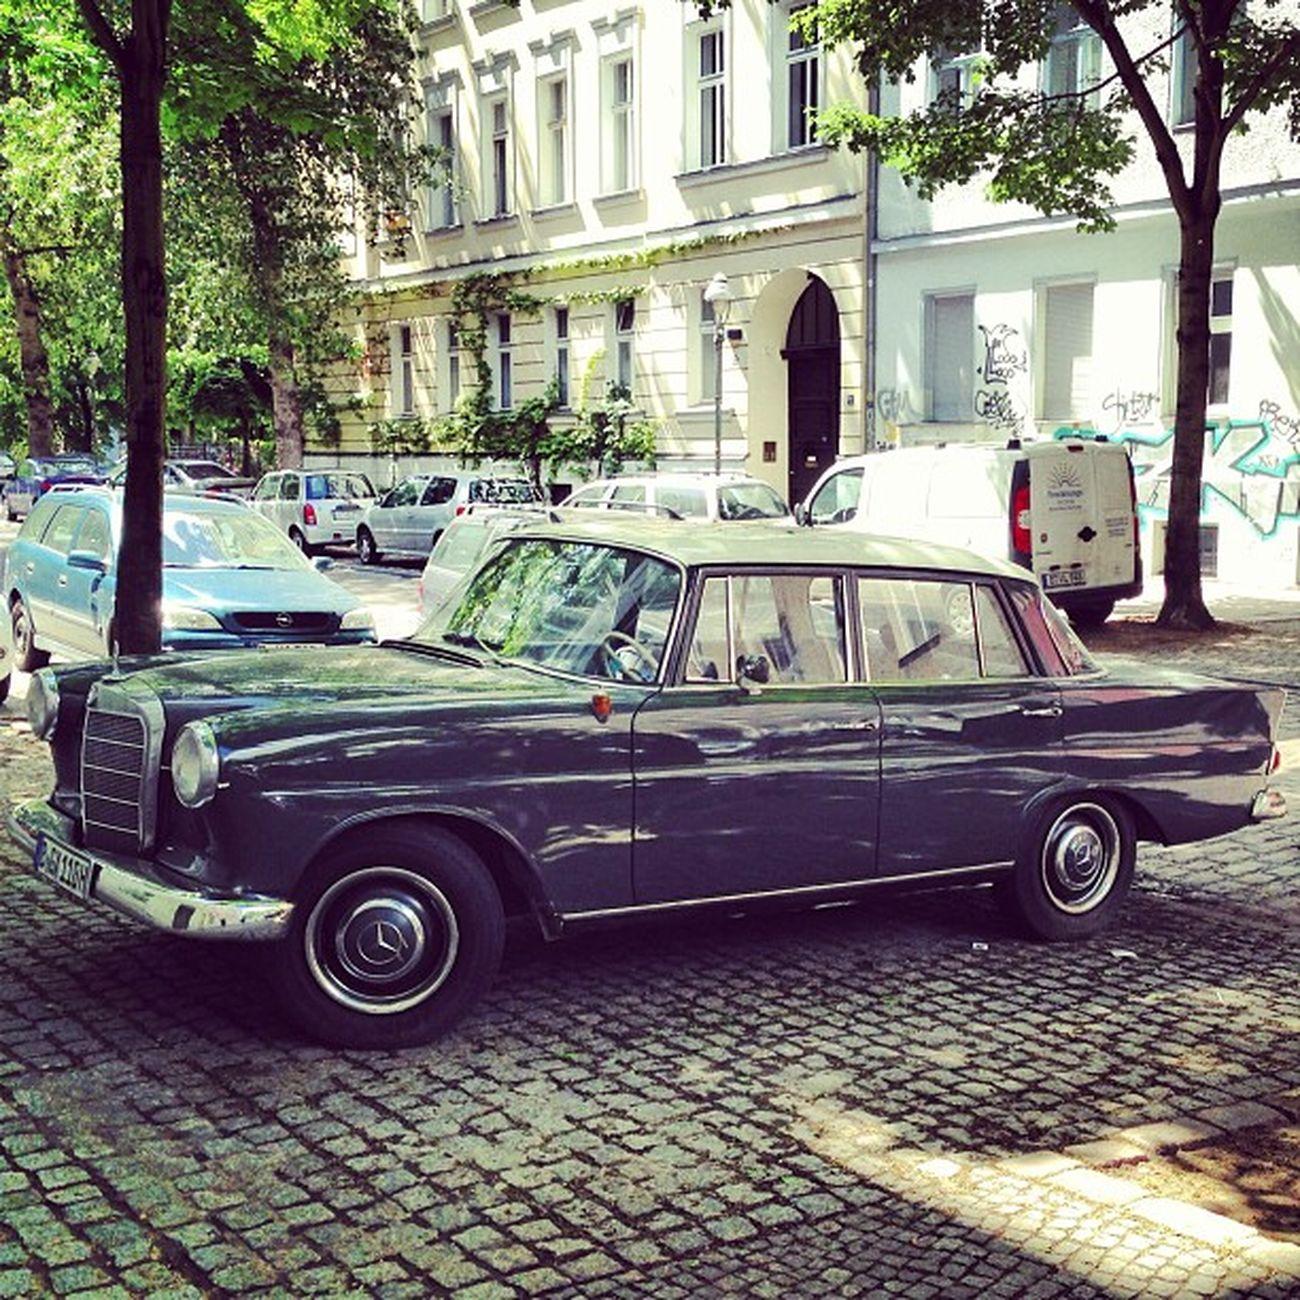 #karre #altekarrenbattle #mercedes #benz #classiccar #vintagecar #oldtimer Mercedes Karre Oldtimer Classiccar Benz Vintagecar Altekarrenbattle